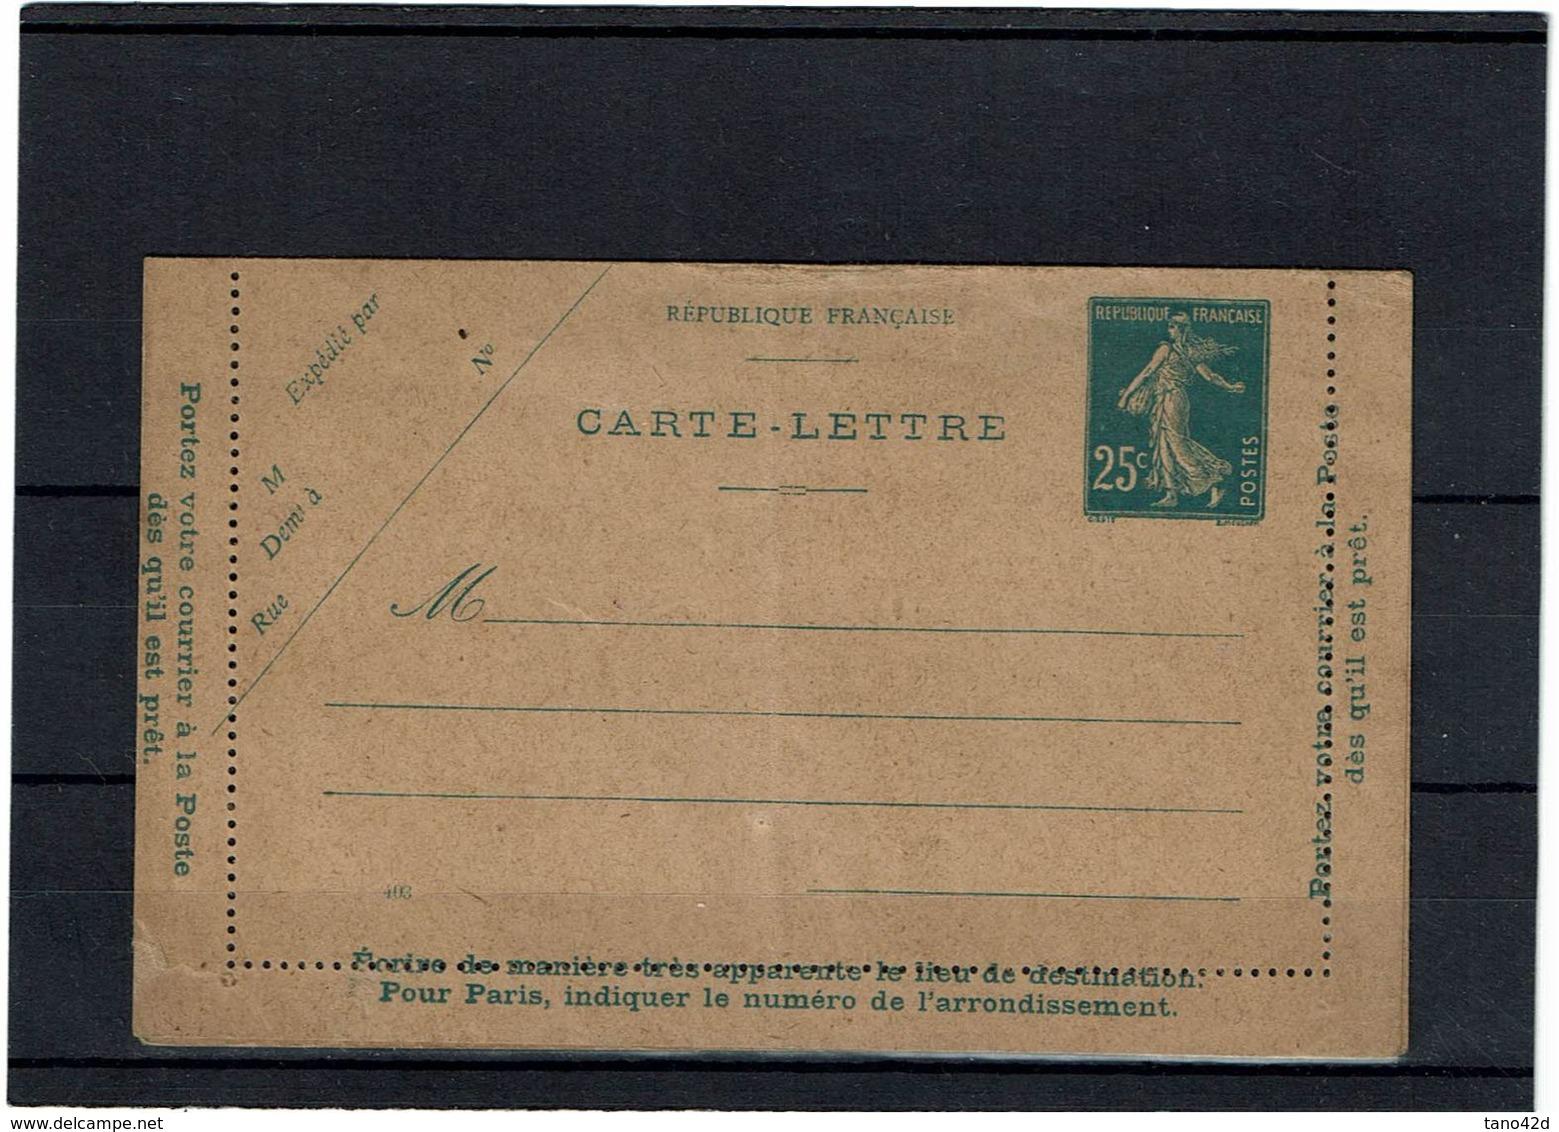 CTN27 - CARTE LETTRE SEMEUSE CAMEE 25c  DATE 403 NEUVE AVEC GROS DEFAUT STORCH J1 POUR REFERENCE - Cartes-lettres